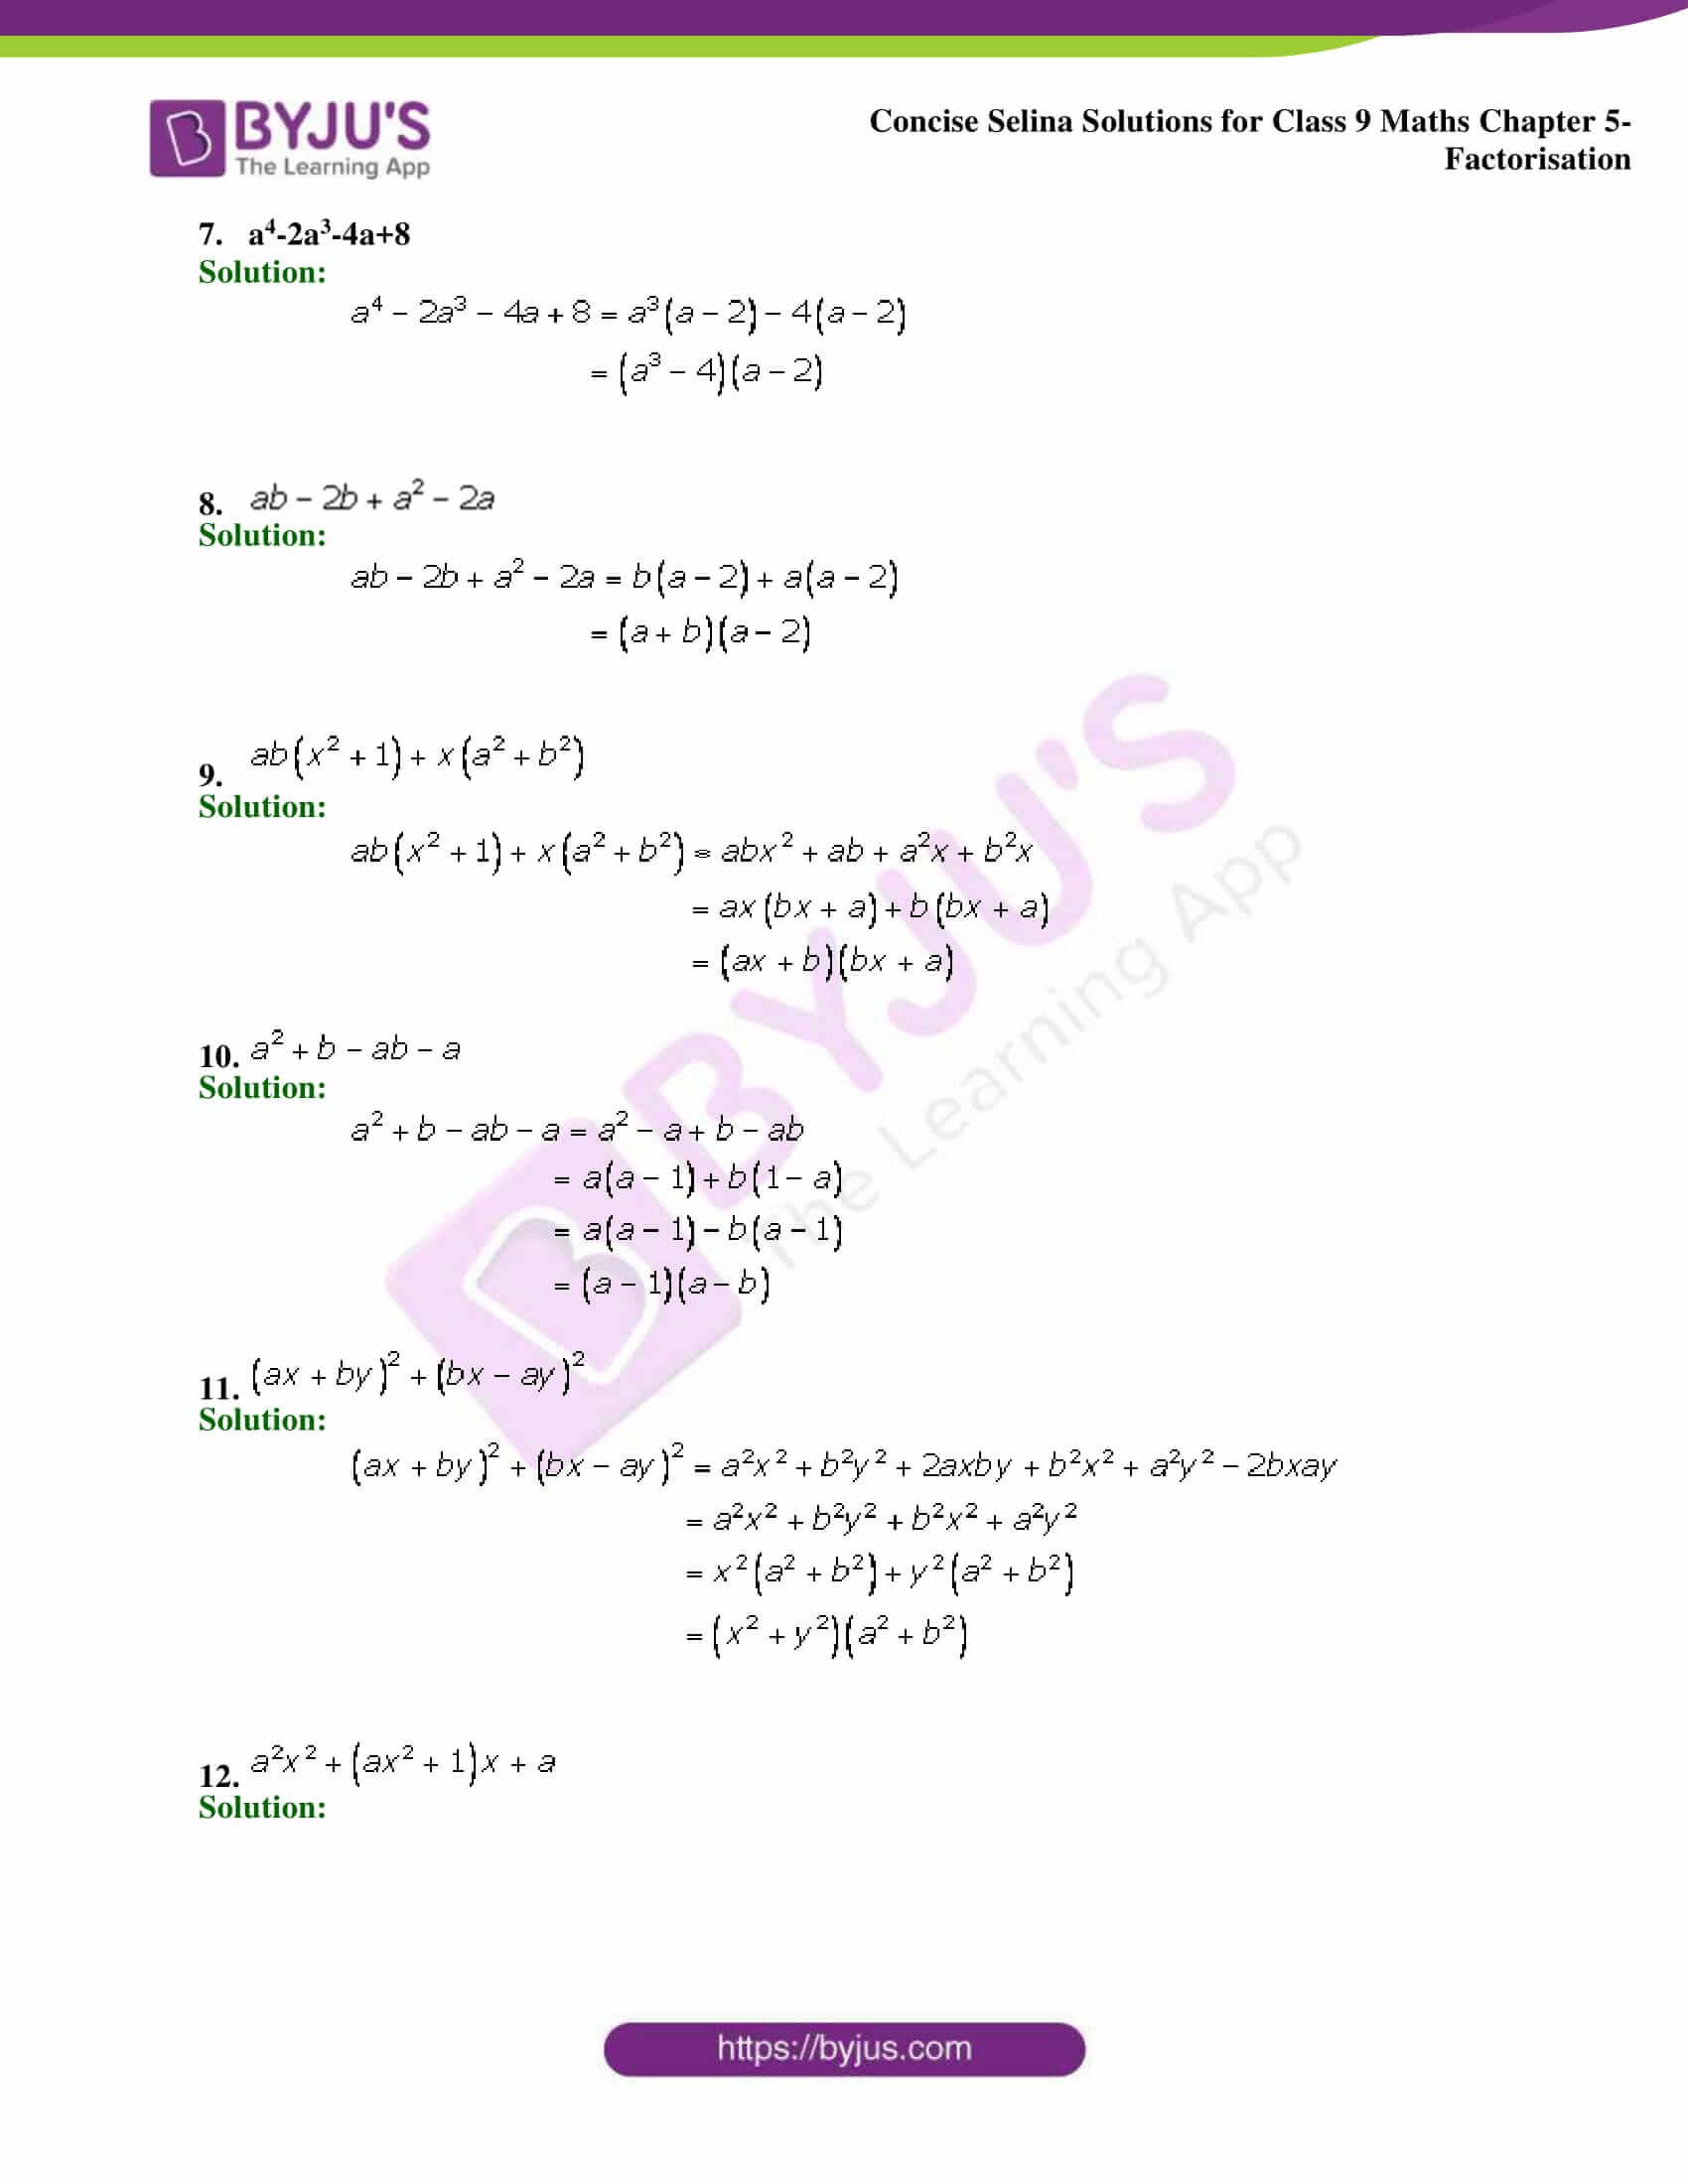 Selina Solutions Class 9 Maths Chapter 5 Factorisation part 02